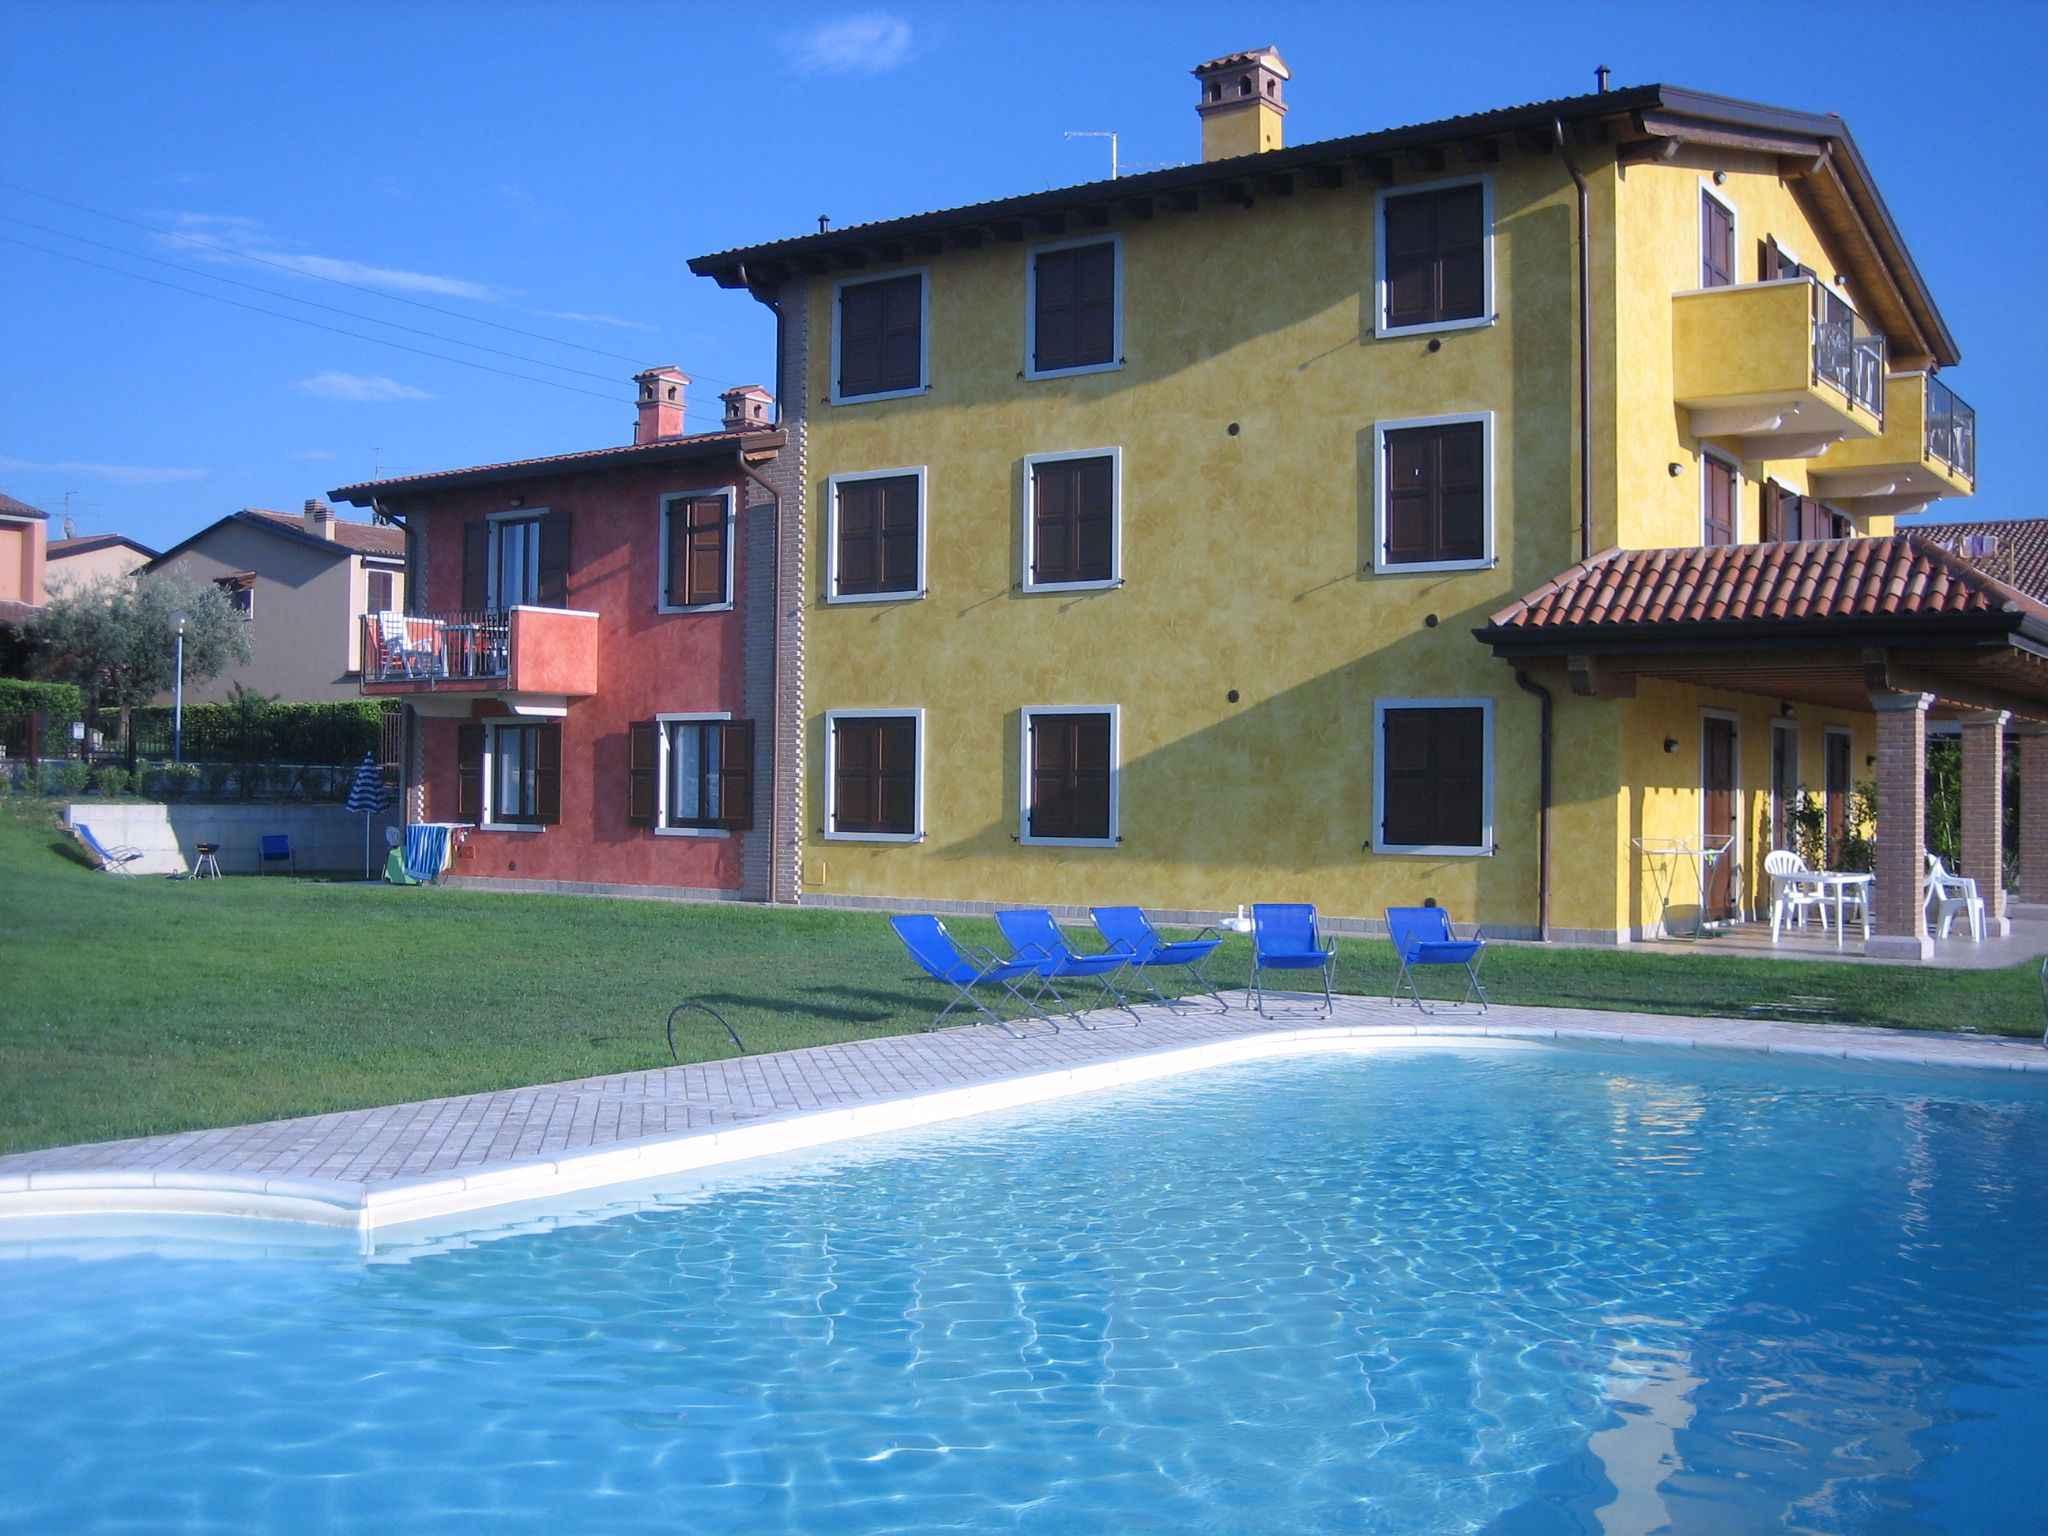 Ferienwohnung mit Pool (279621), Lazise, Gardasee, Venetien, Italien, Bild 5